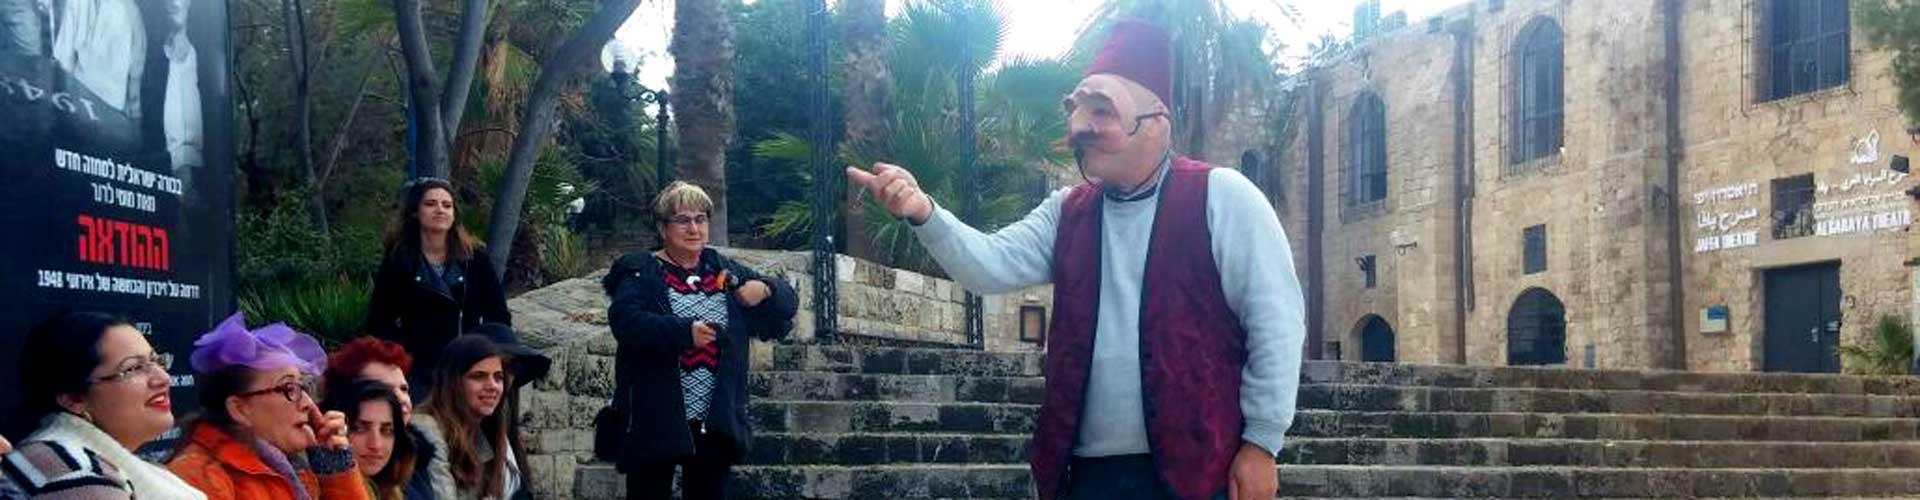 סיור מומחז עם שחקן ביפו העתיקה